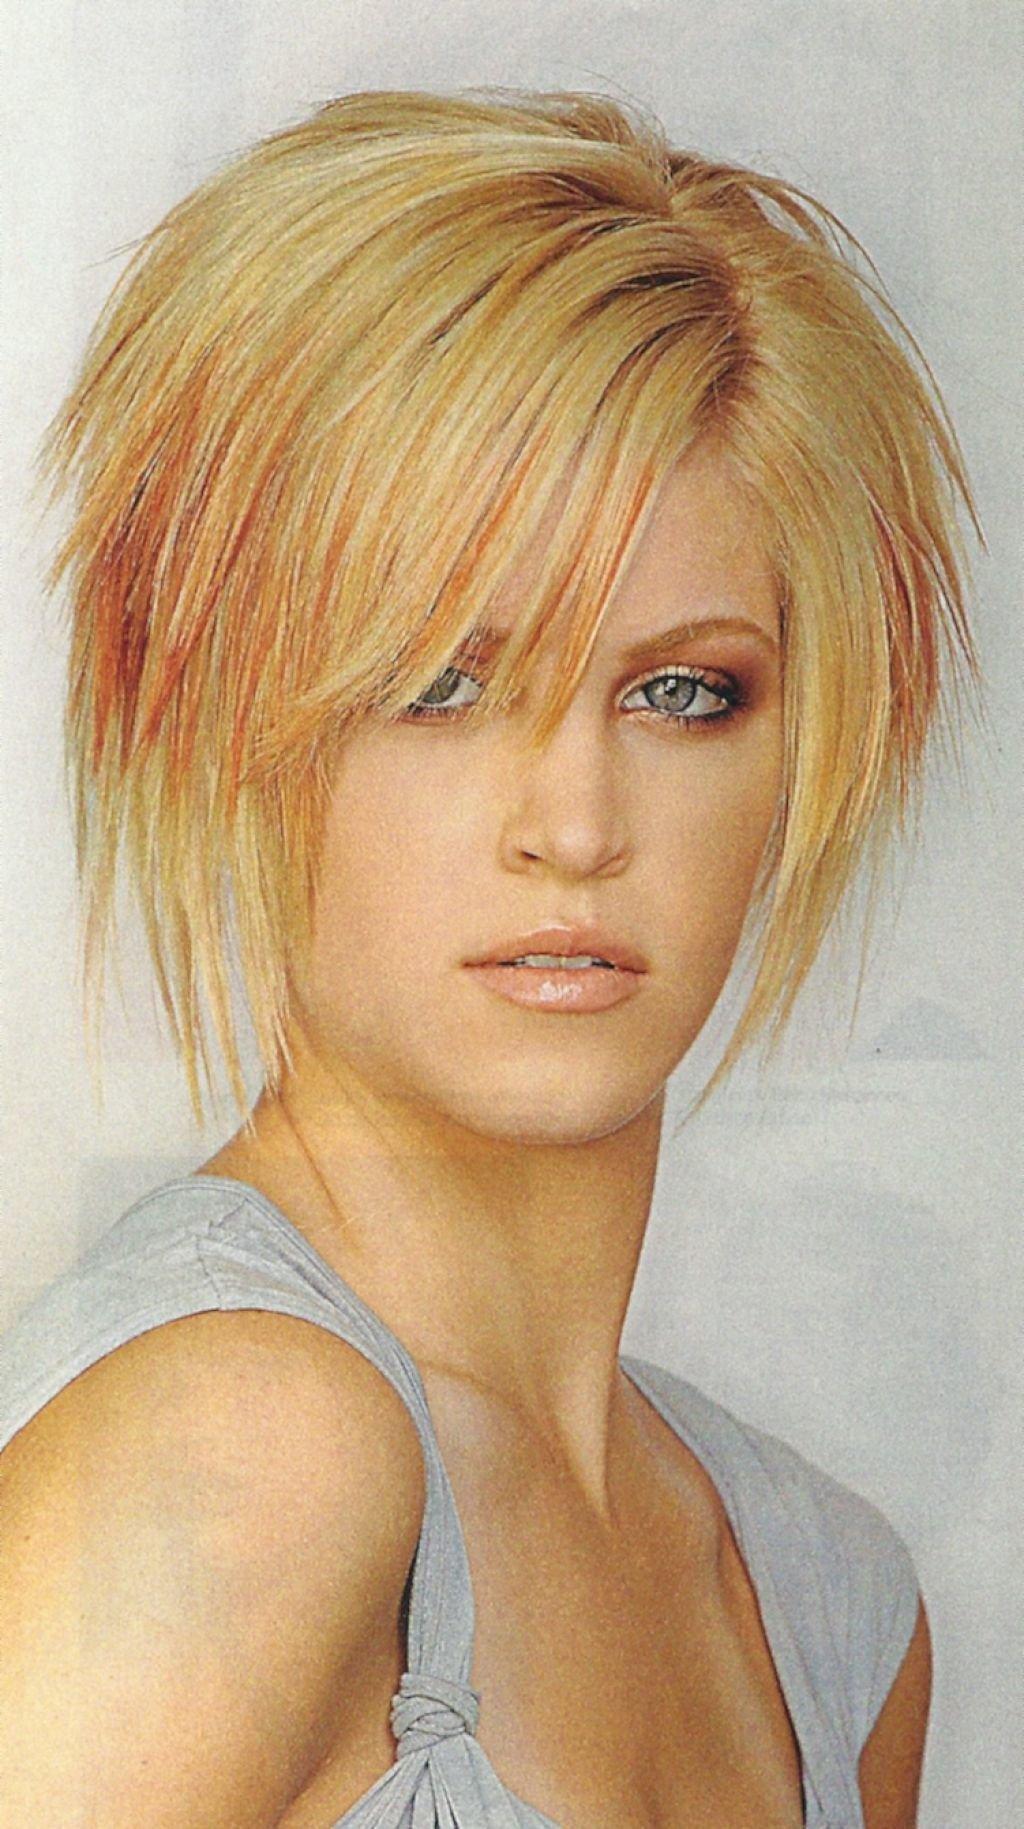 Стрижка рванка на короткие волосы фото